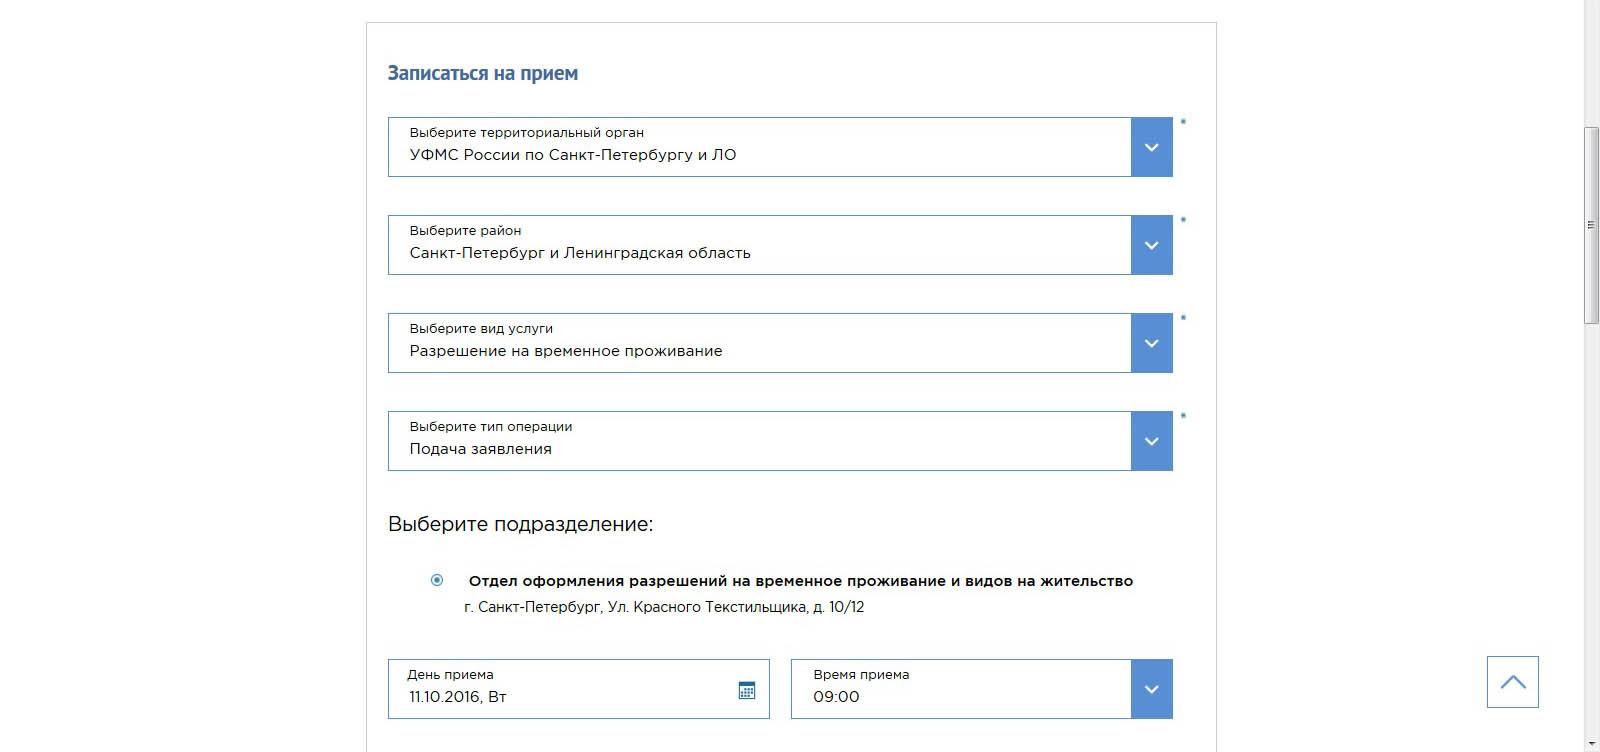 Онлайн запись на подачу документов на РВП